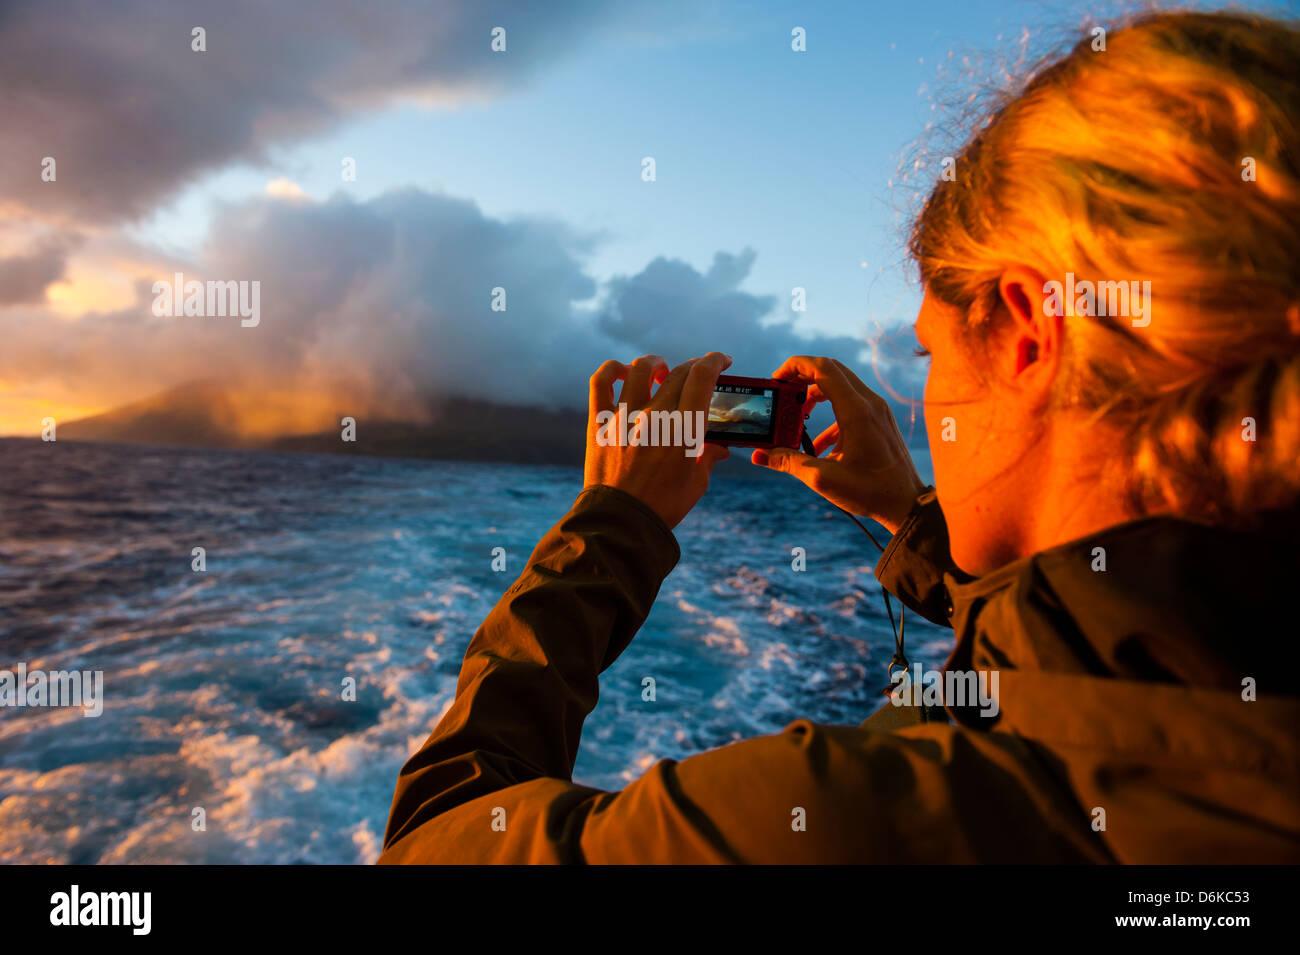 Fotografare turistica isola di Tau a sunrise, manualmente isola gruppo American Samoa, Pacifico del Sud e del Pacifico Immagini Stock